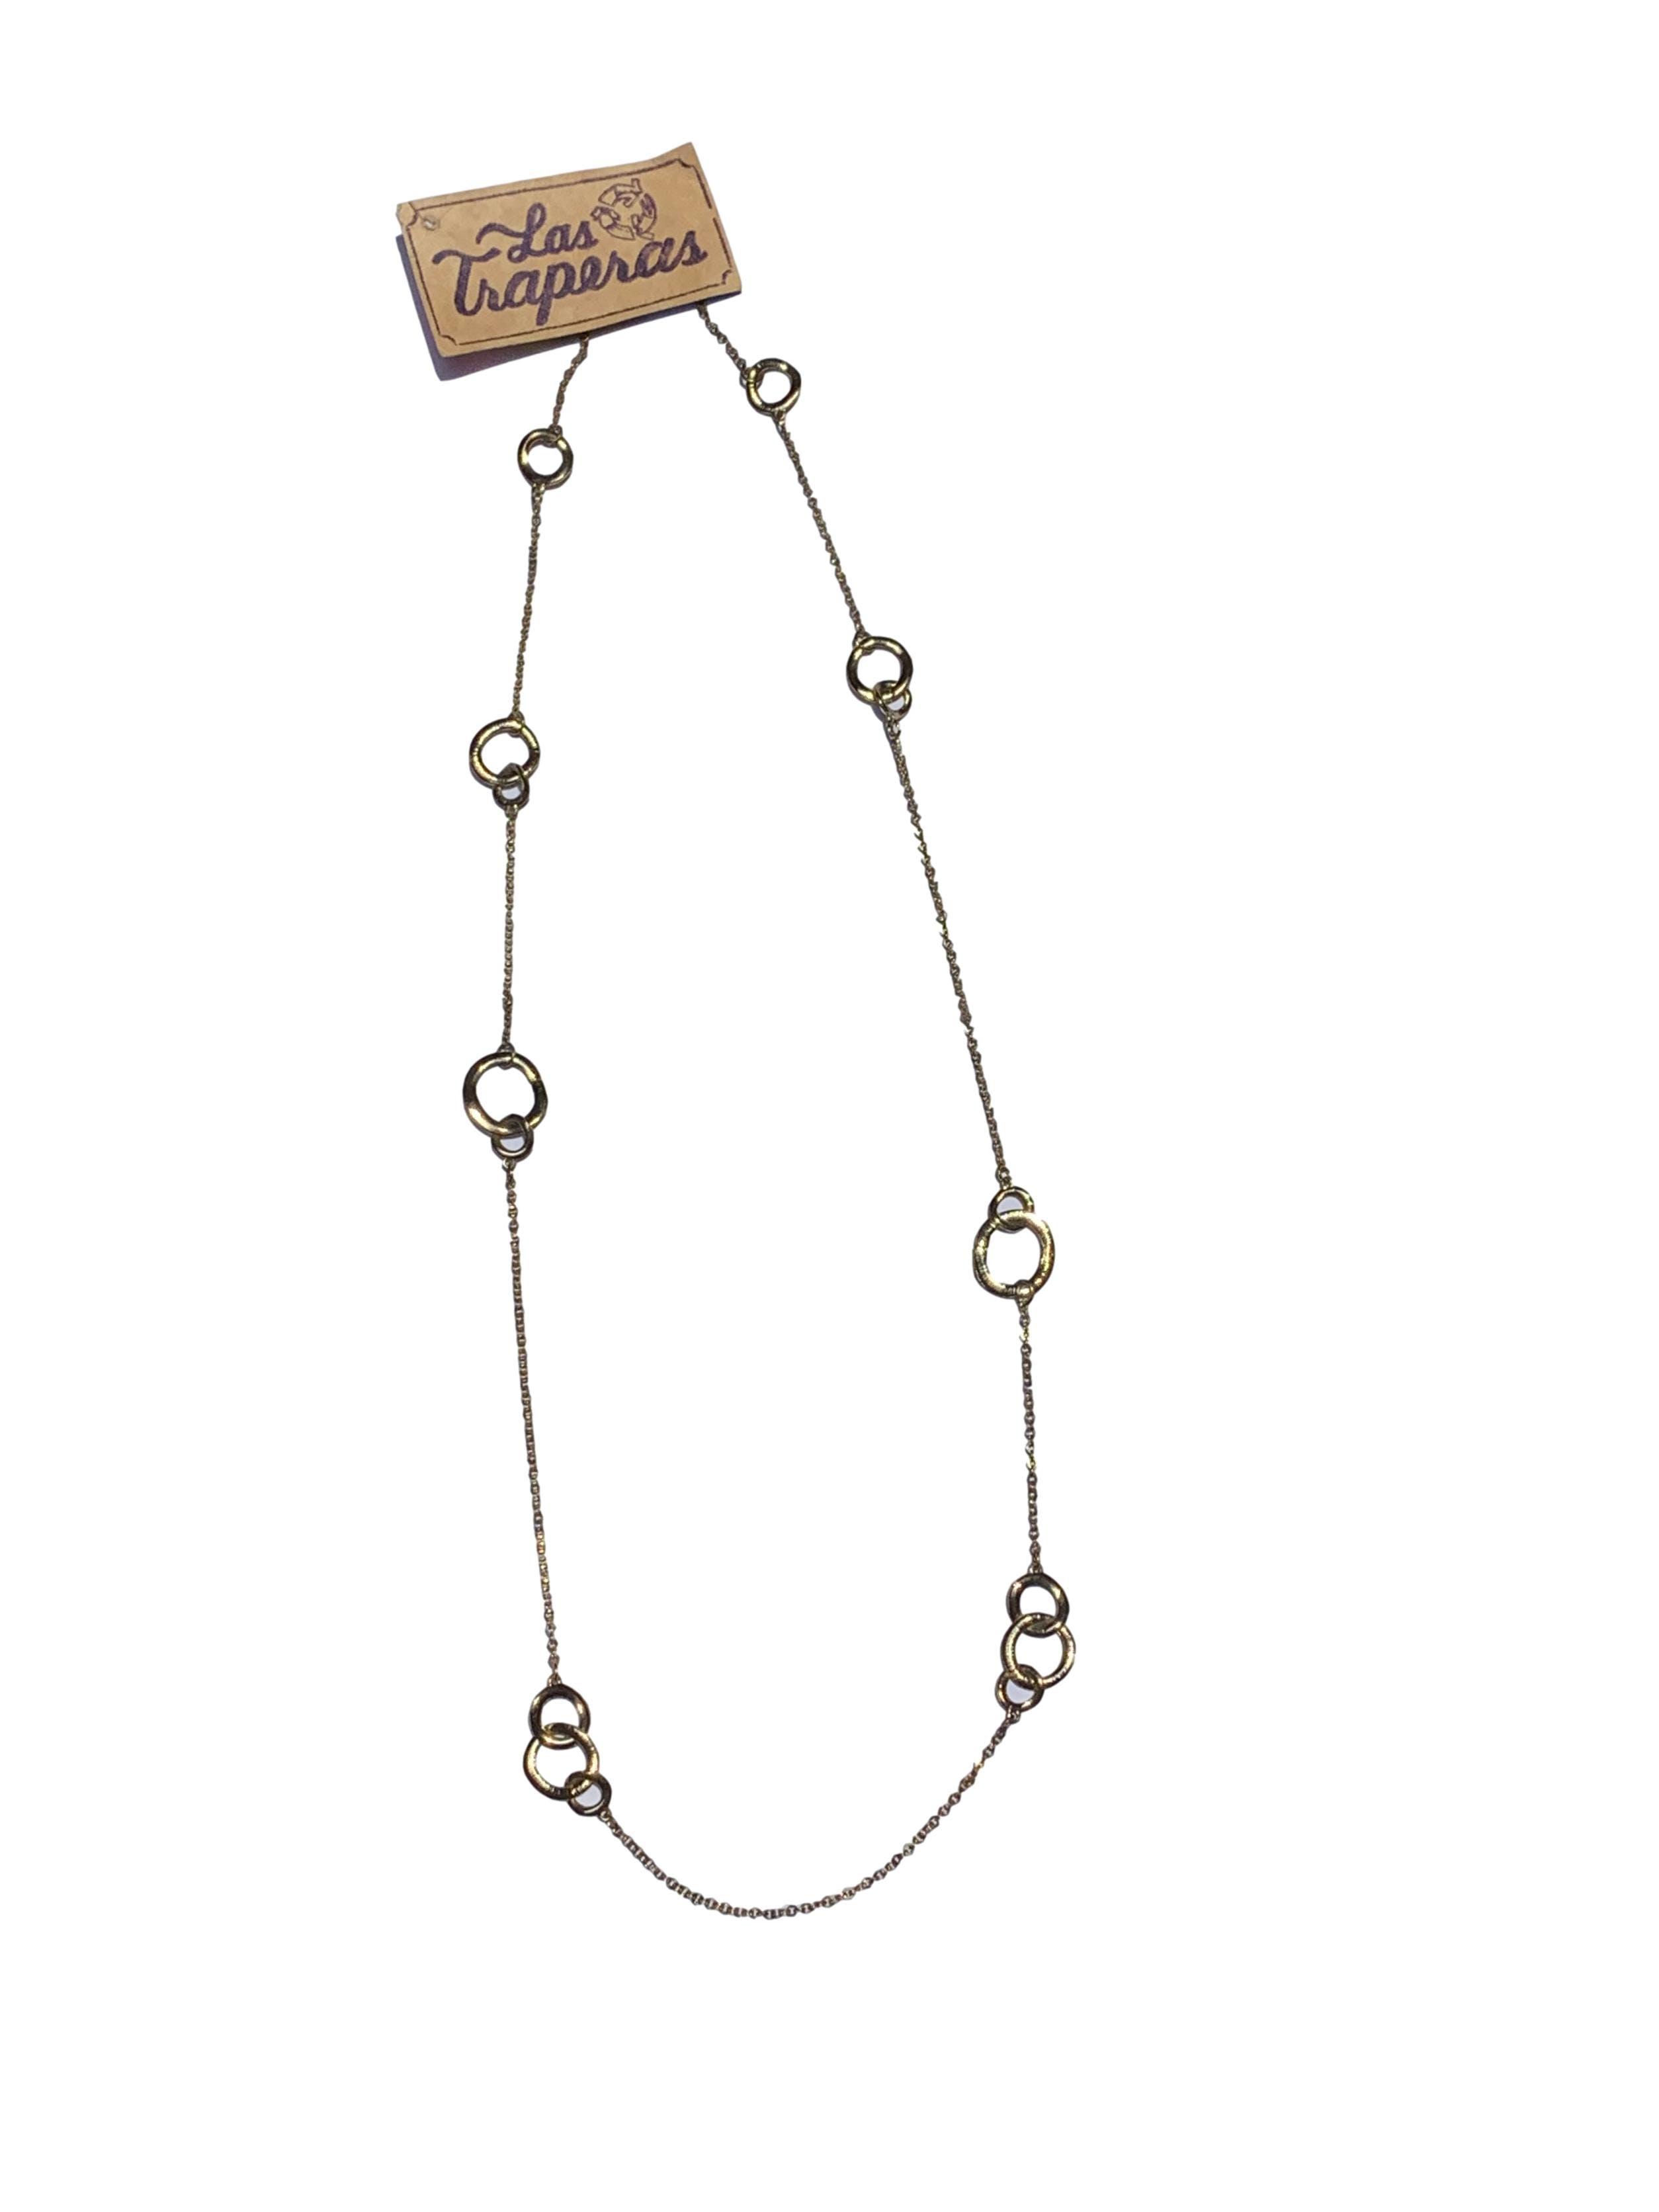 Maxicollar cadena dorada con eslaboles grandes aleatorios. Largo 104cm